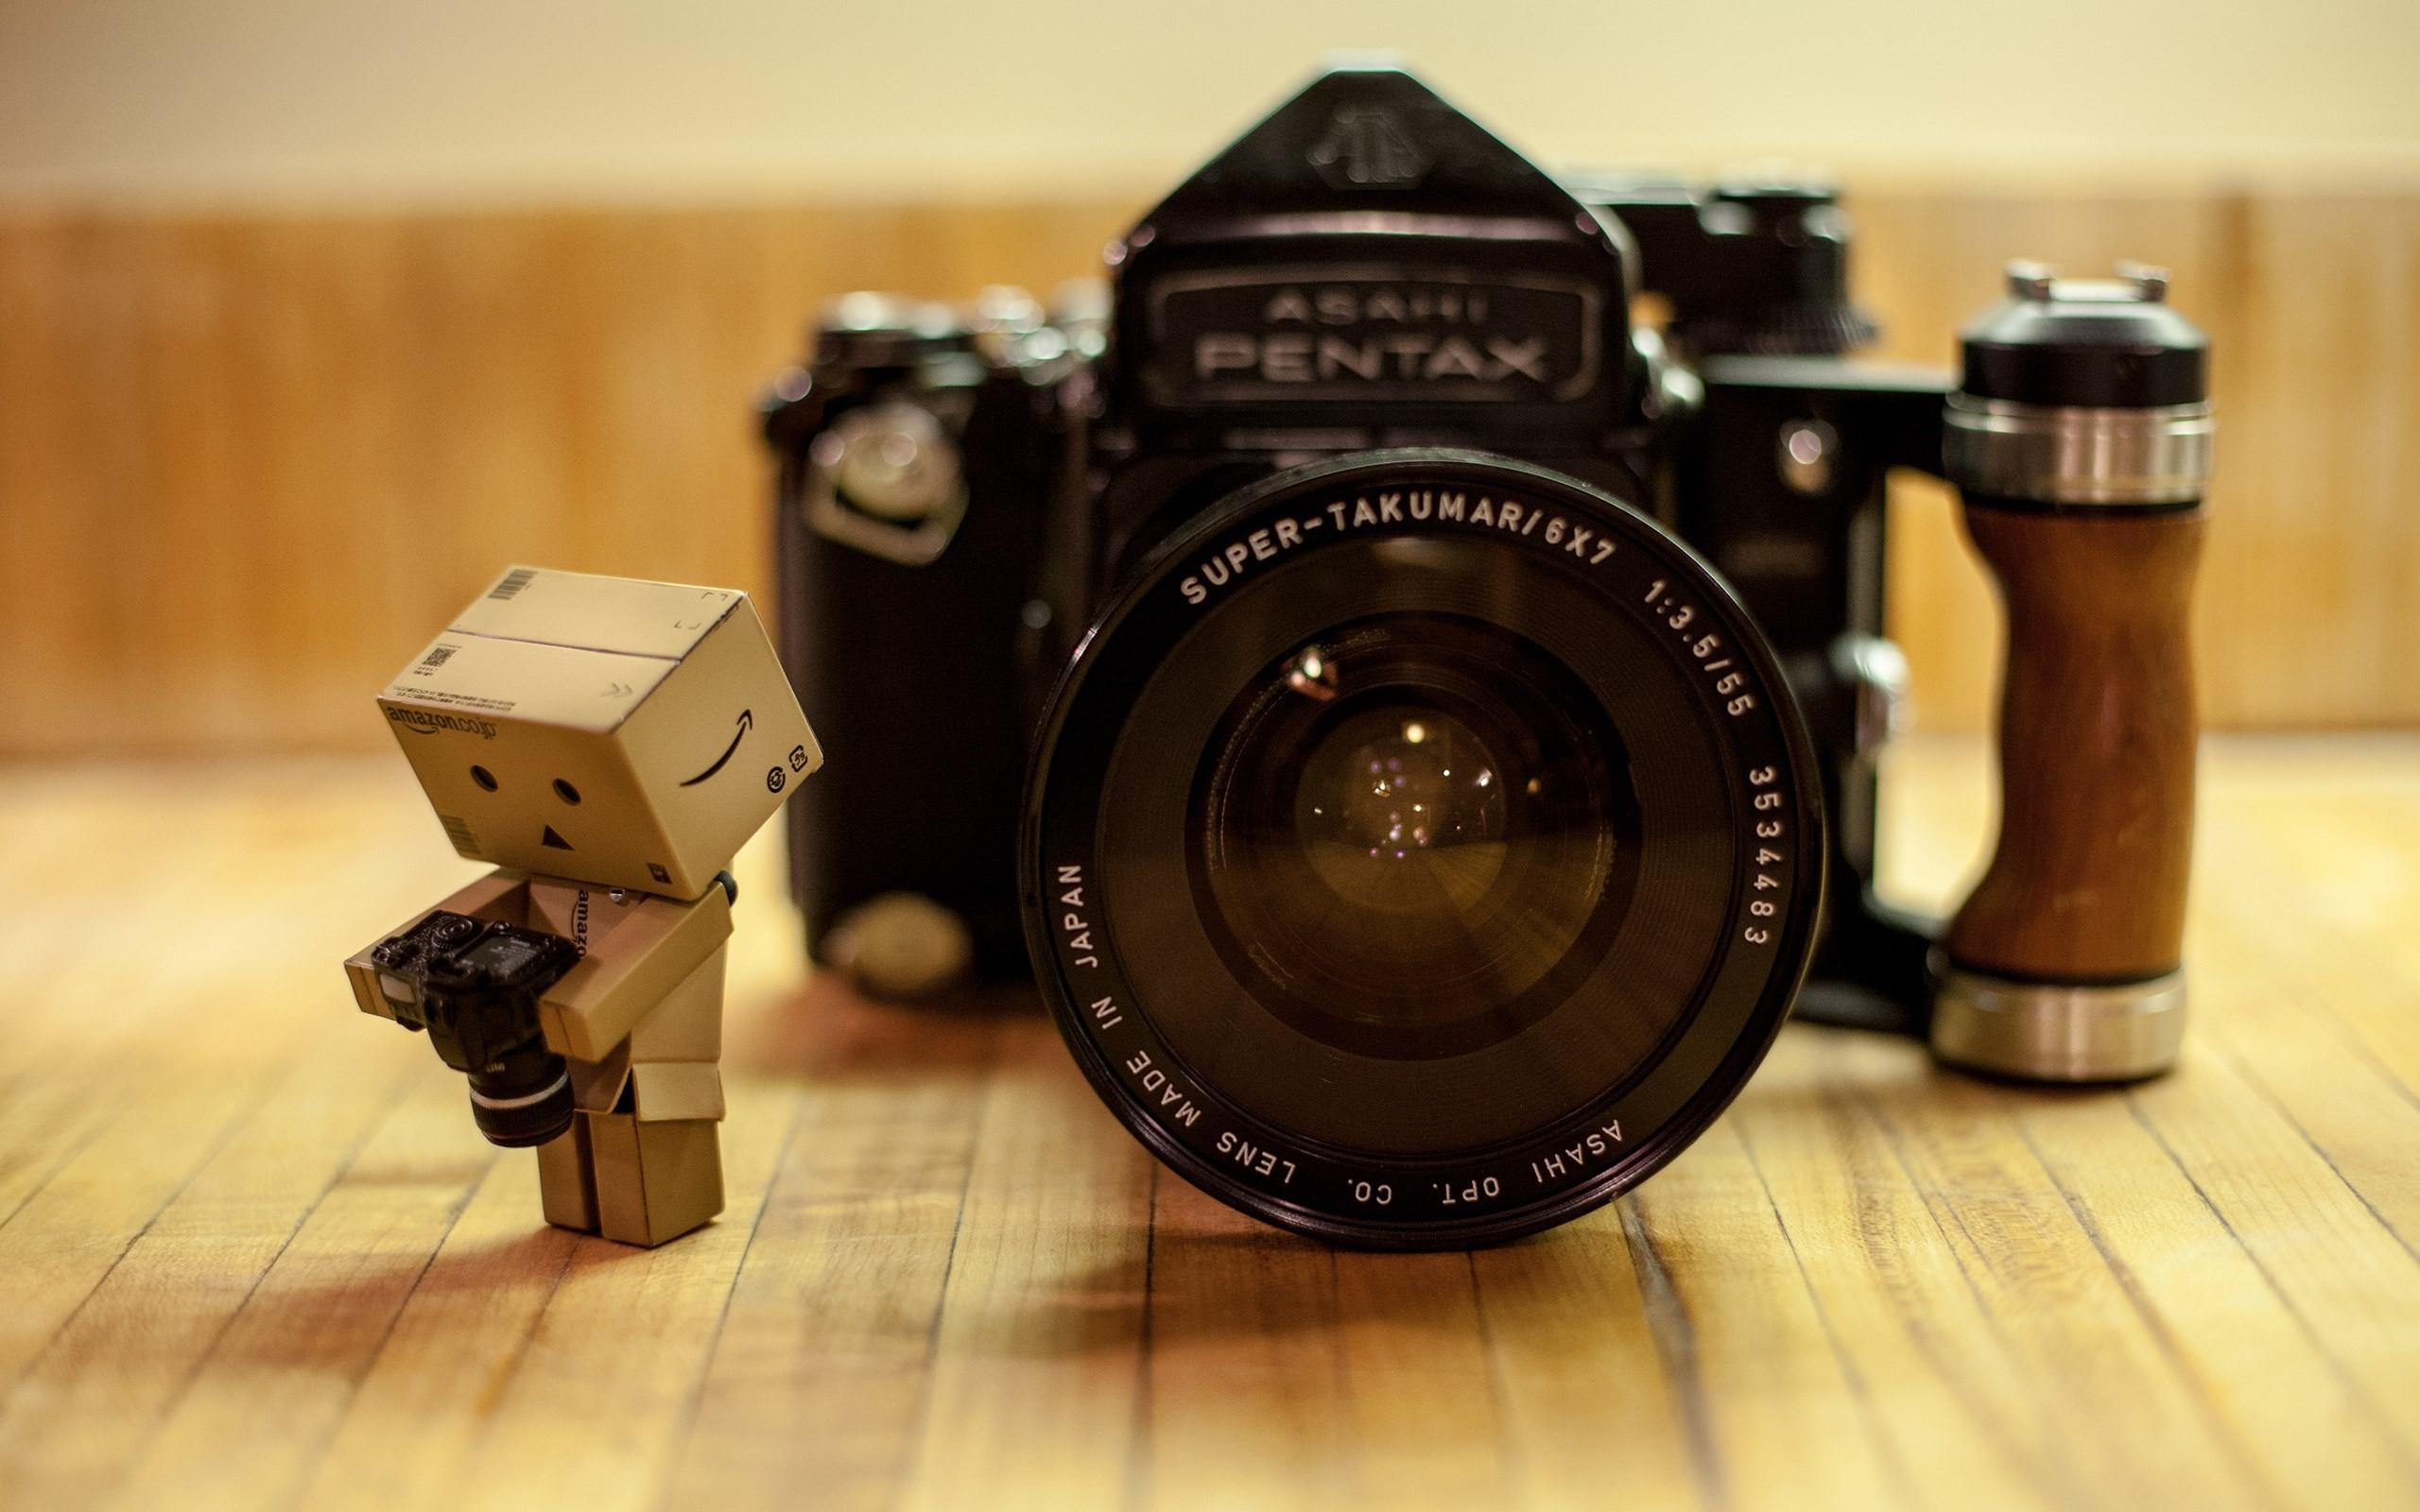 Canon rebel t3 sample photos